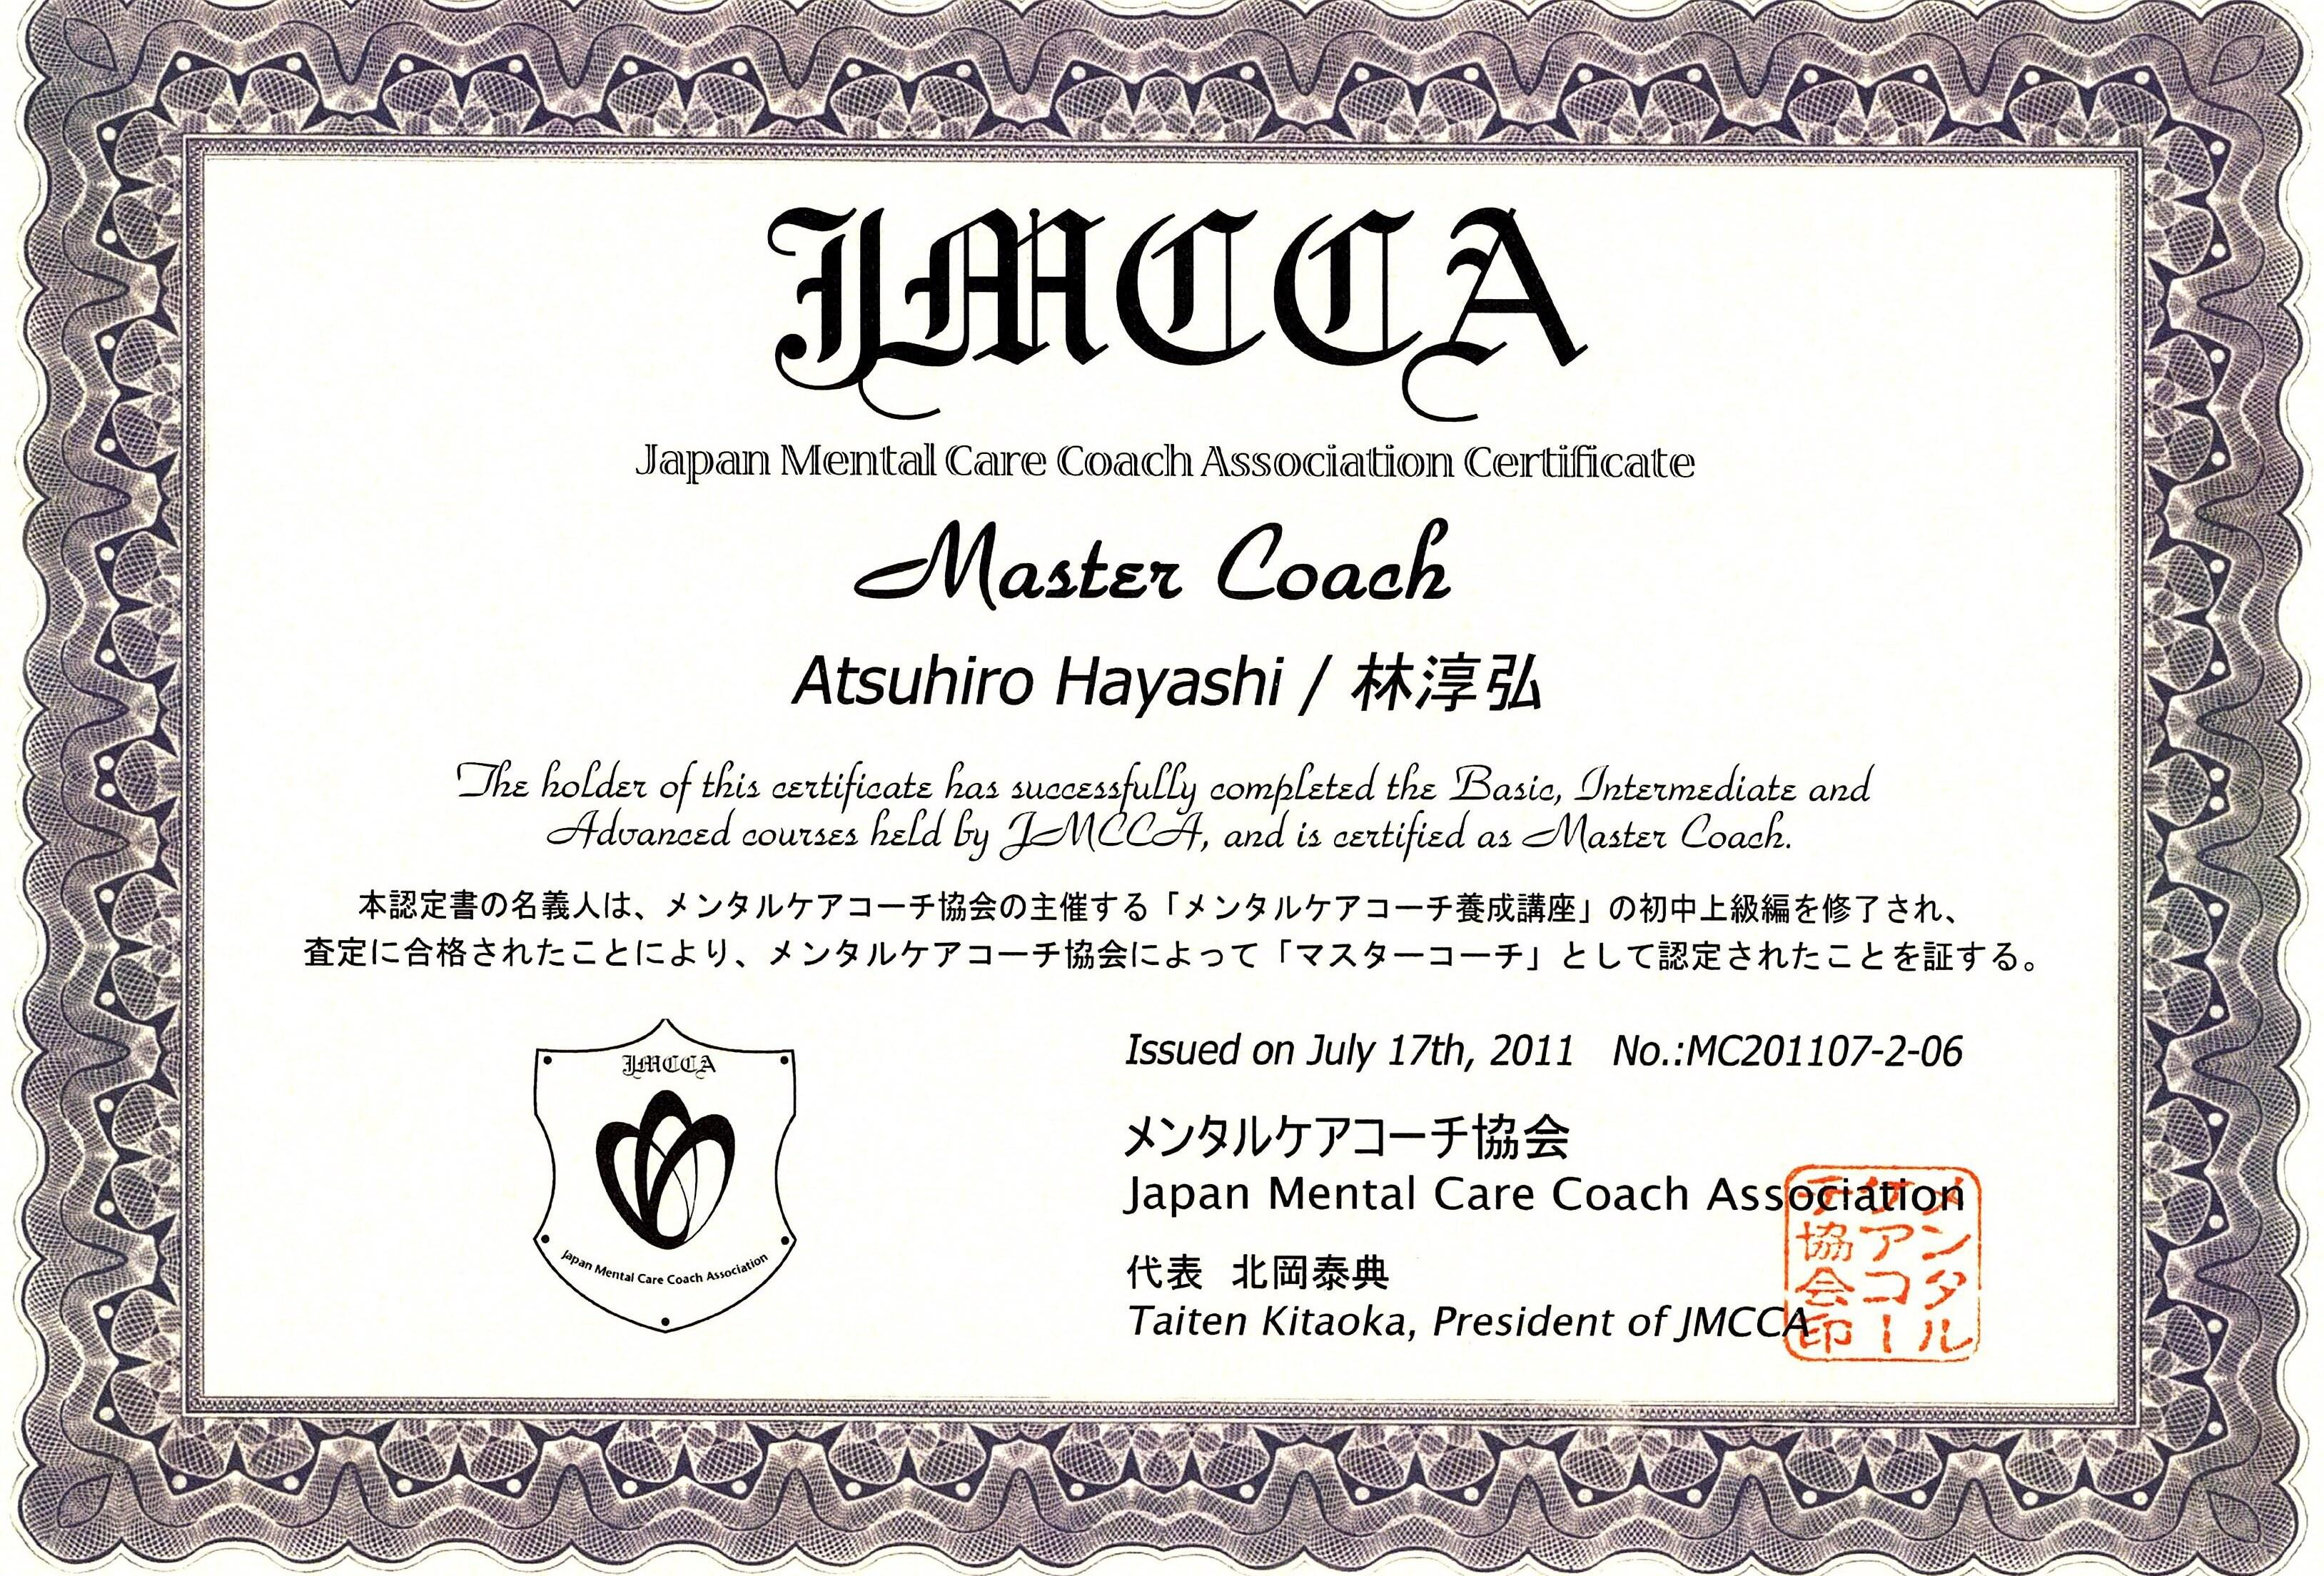 メンタルケアコーチ/スピリチュアルヒーリング